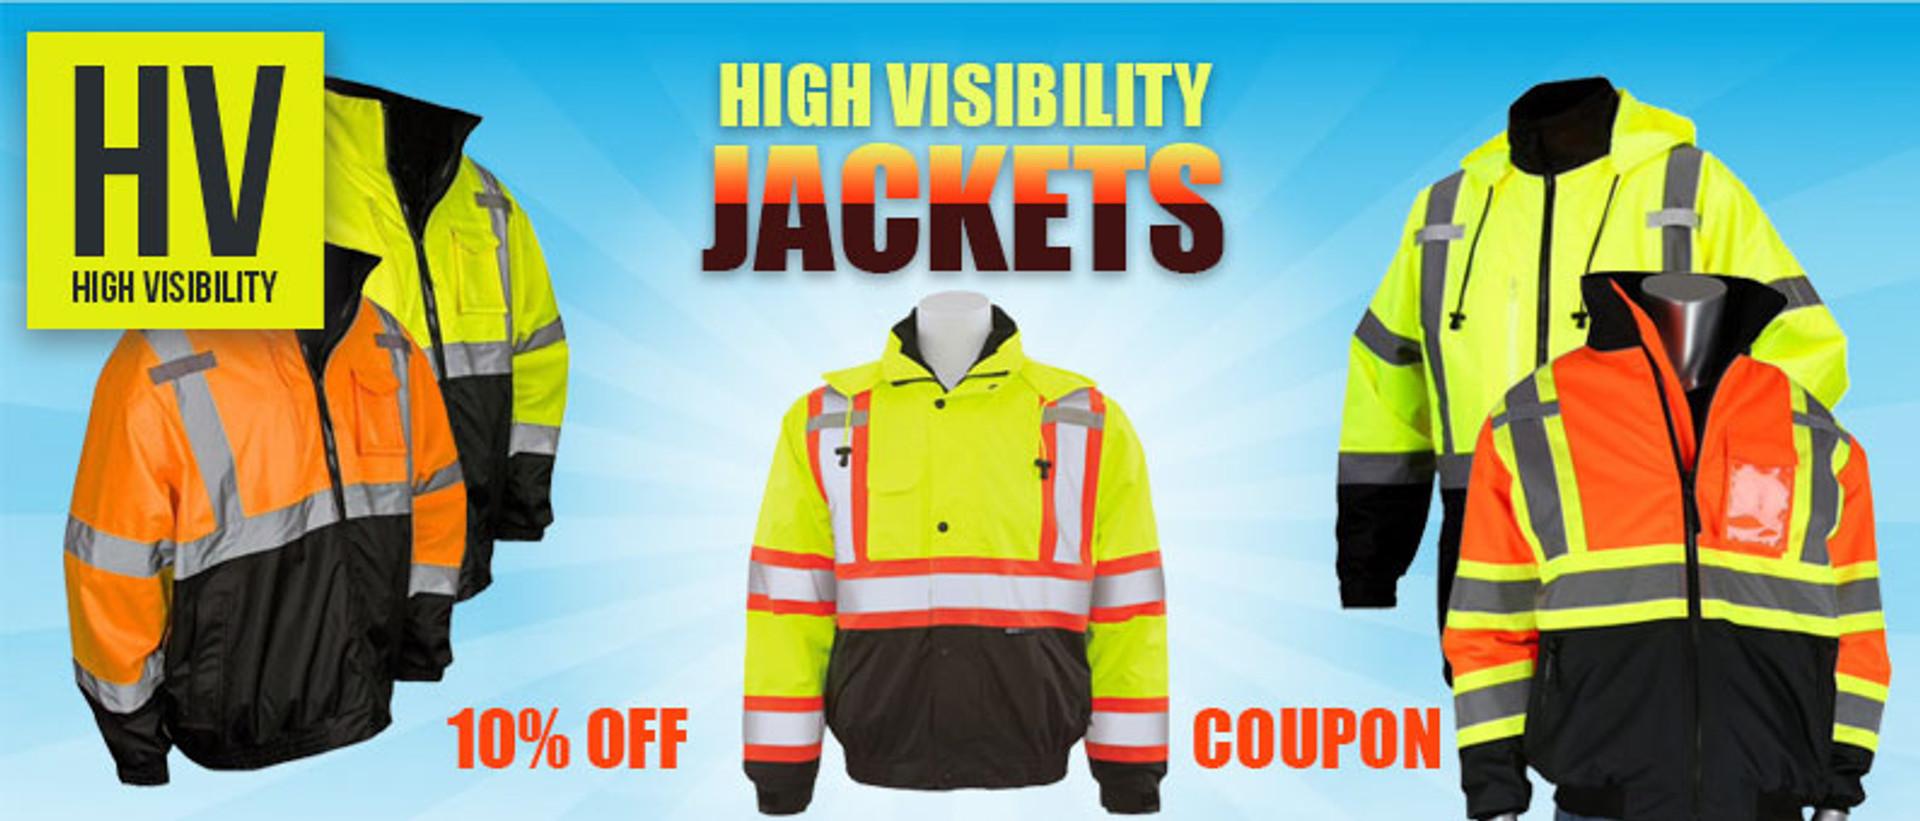 Hi Vis Jackets Coupon Offer